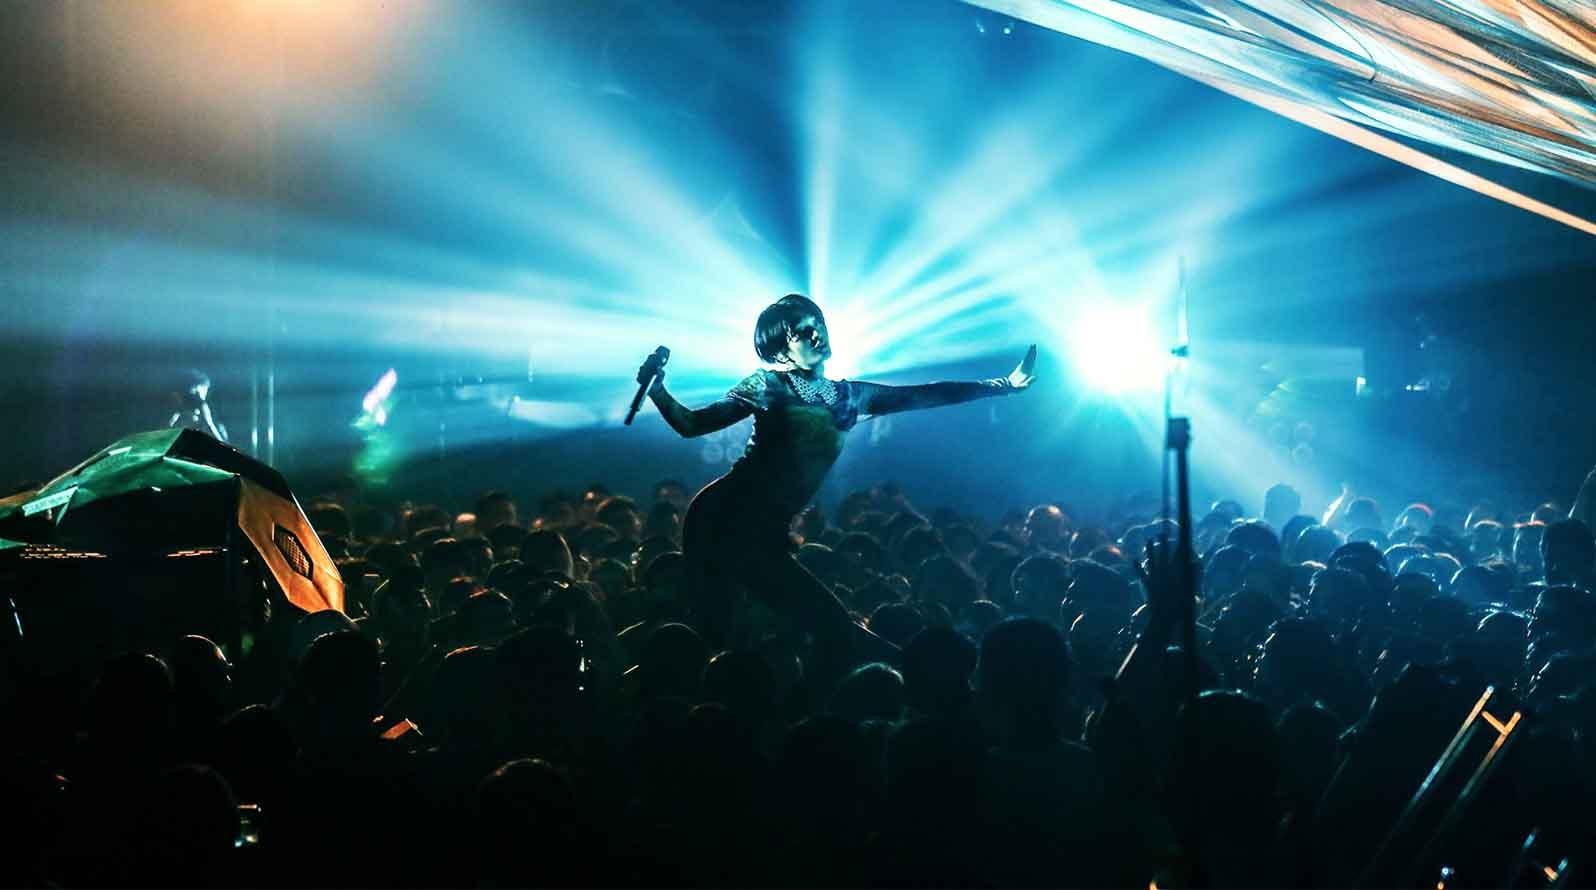 【迷迷現場】水曜日のカンパネラ台北公演最狂 觀眾直呼「我到底看了什麼?!」